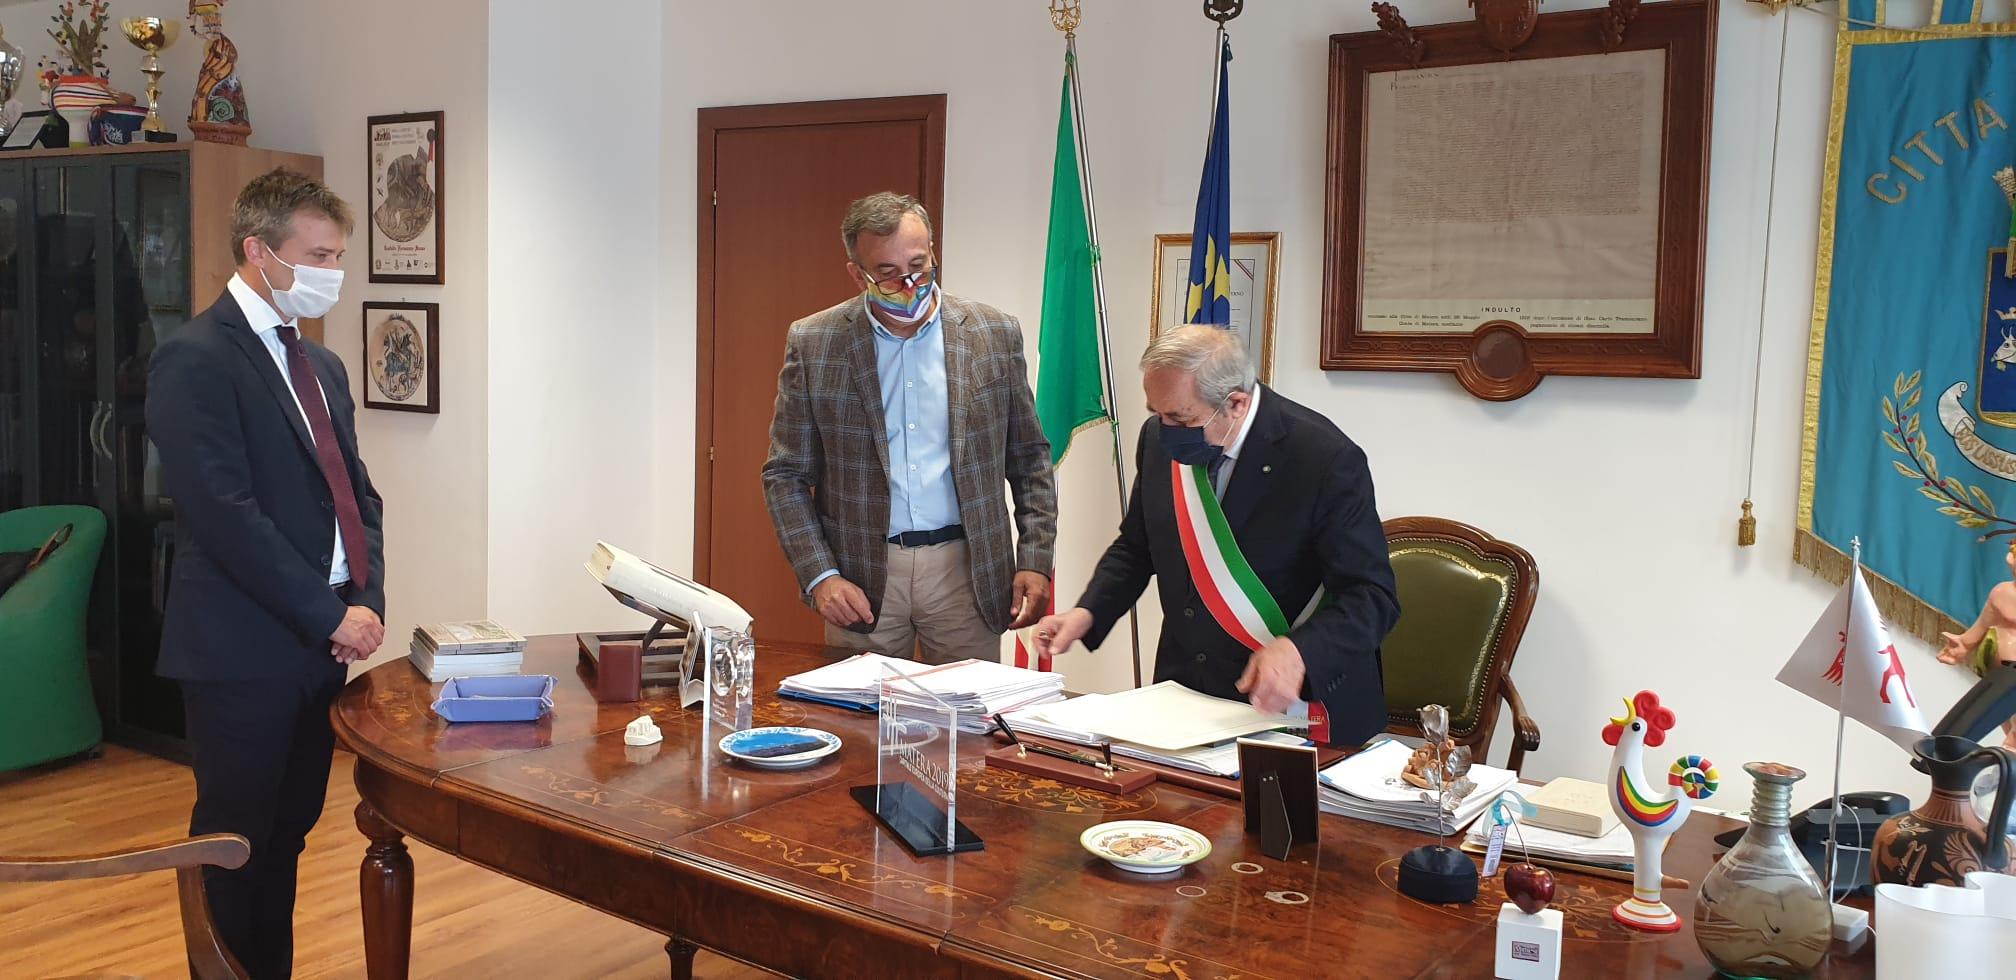 Conferimento cittadinanza italiana al direttore Zuchtriegel